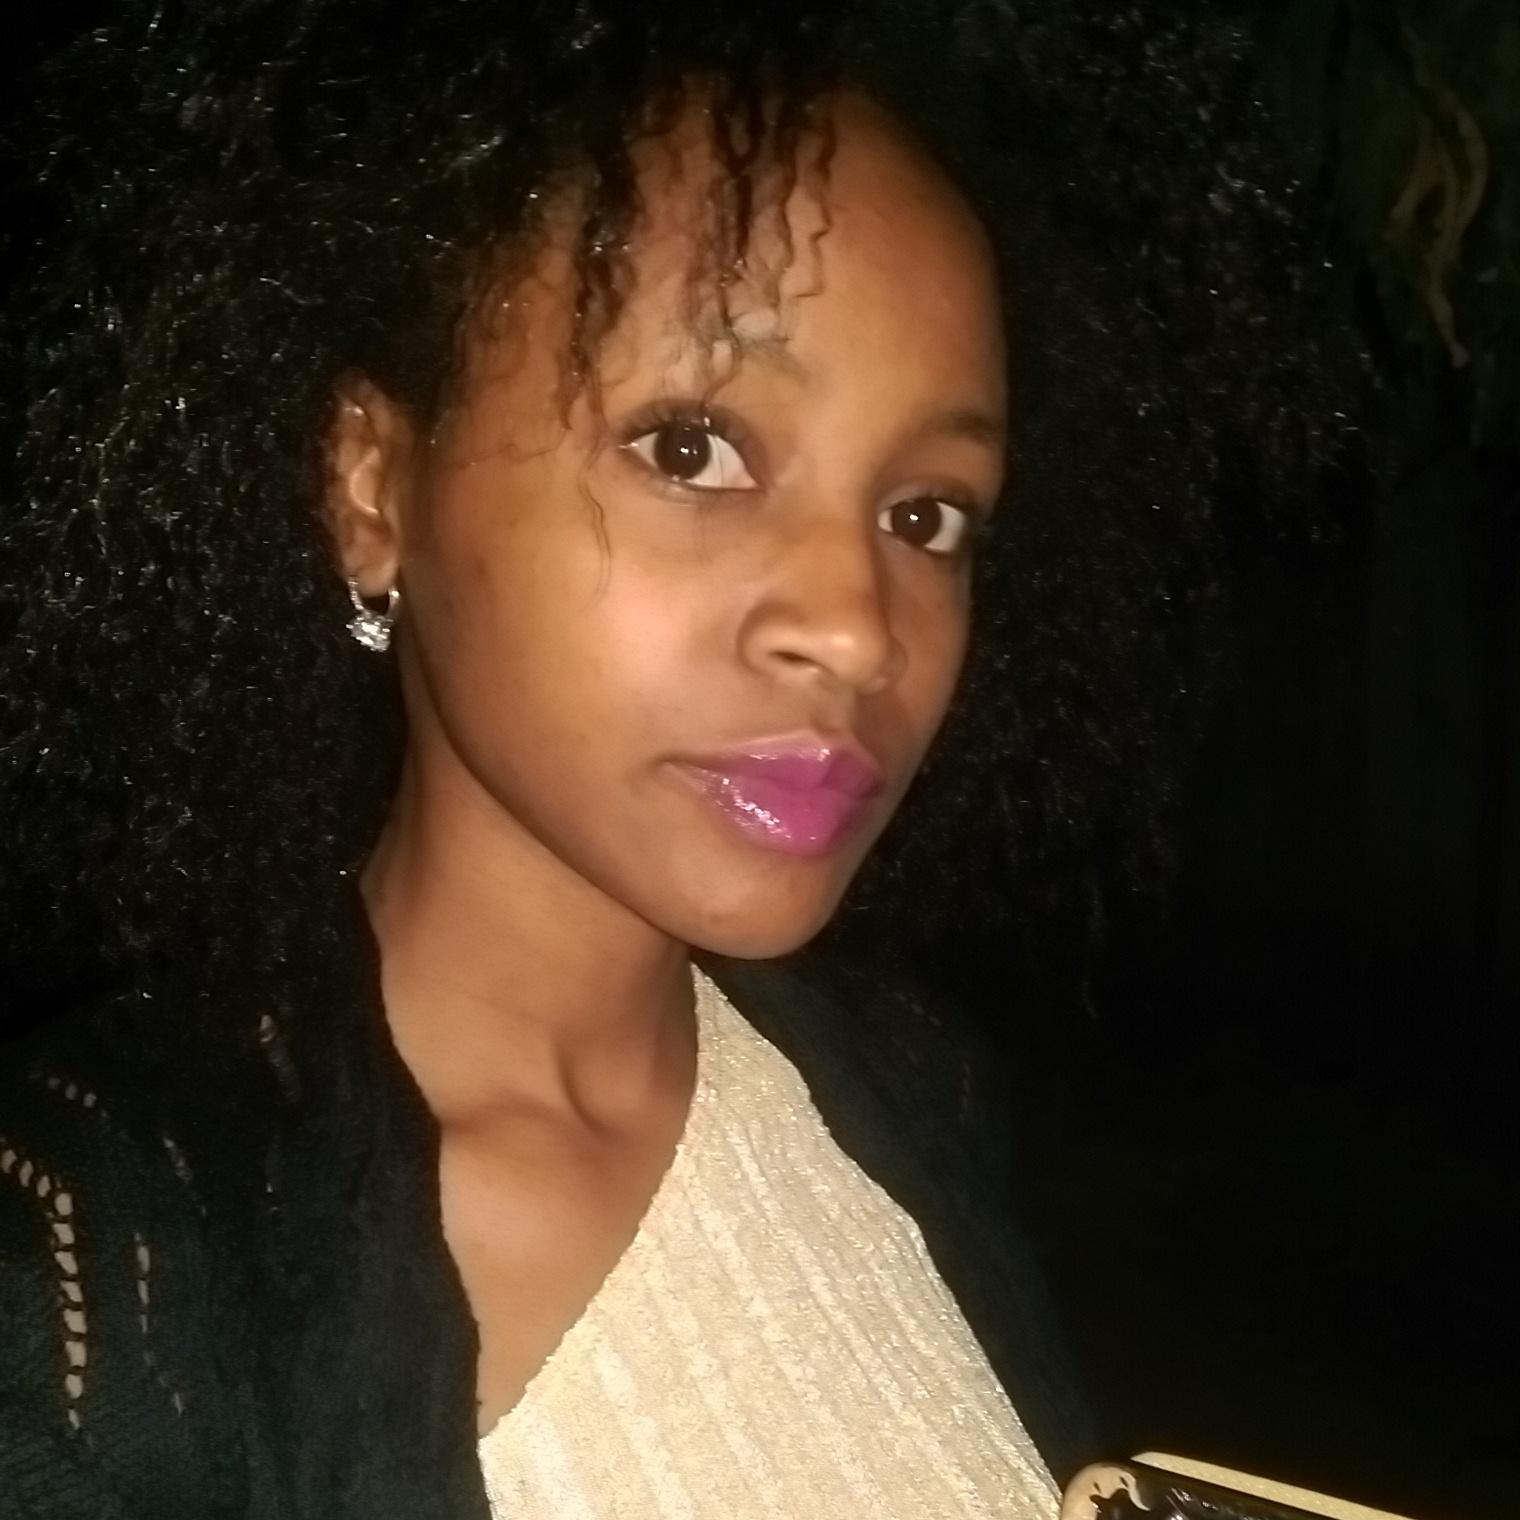 Jessica Williams - Nafurahi (maalum kwa harusi)